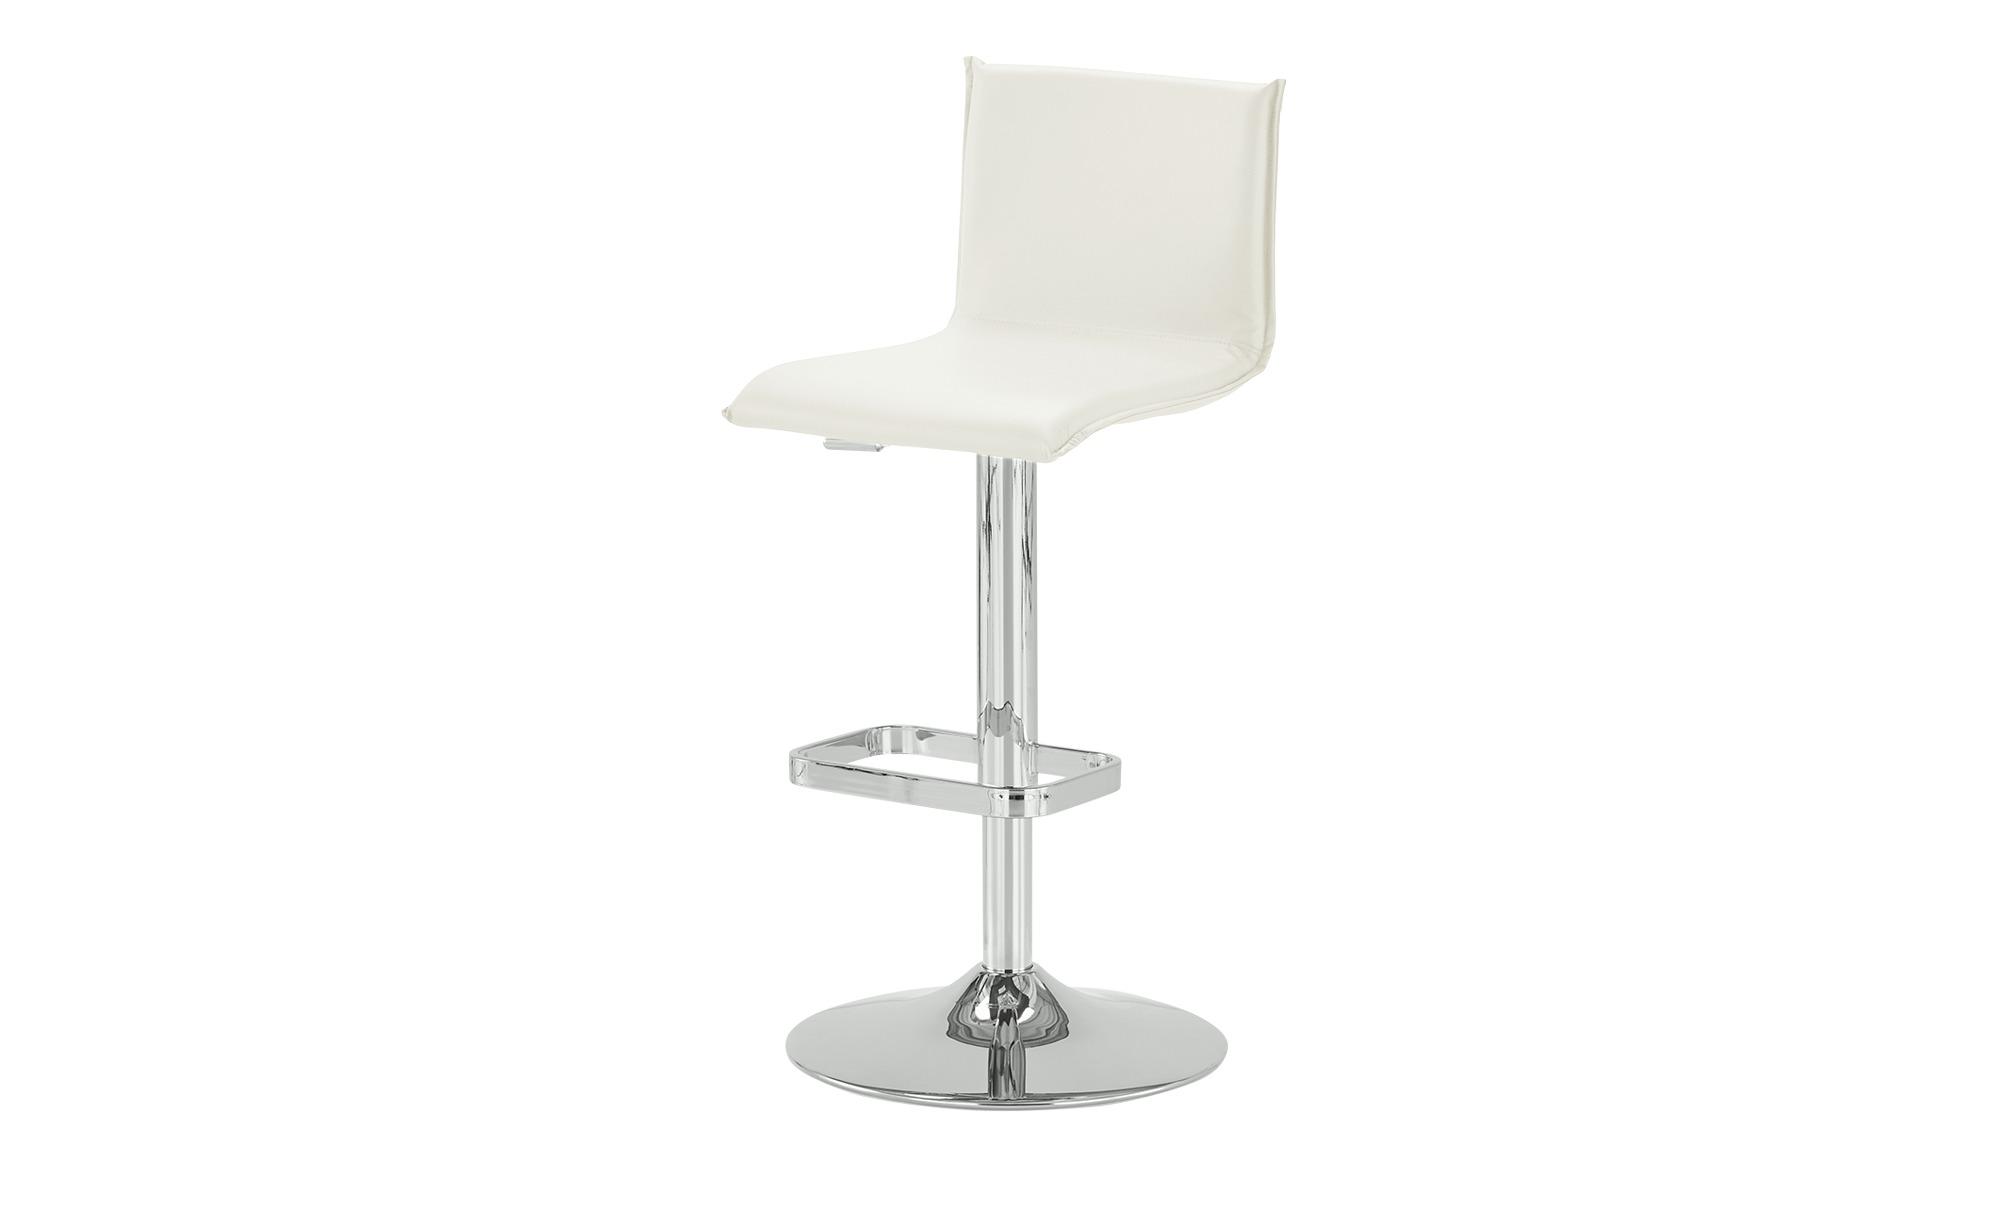 Kunstleder-Barhocker - weiß - 44 cm - 37 cm - Stühle > Barhocker - Möbel Kr günstig online kaufen